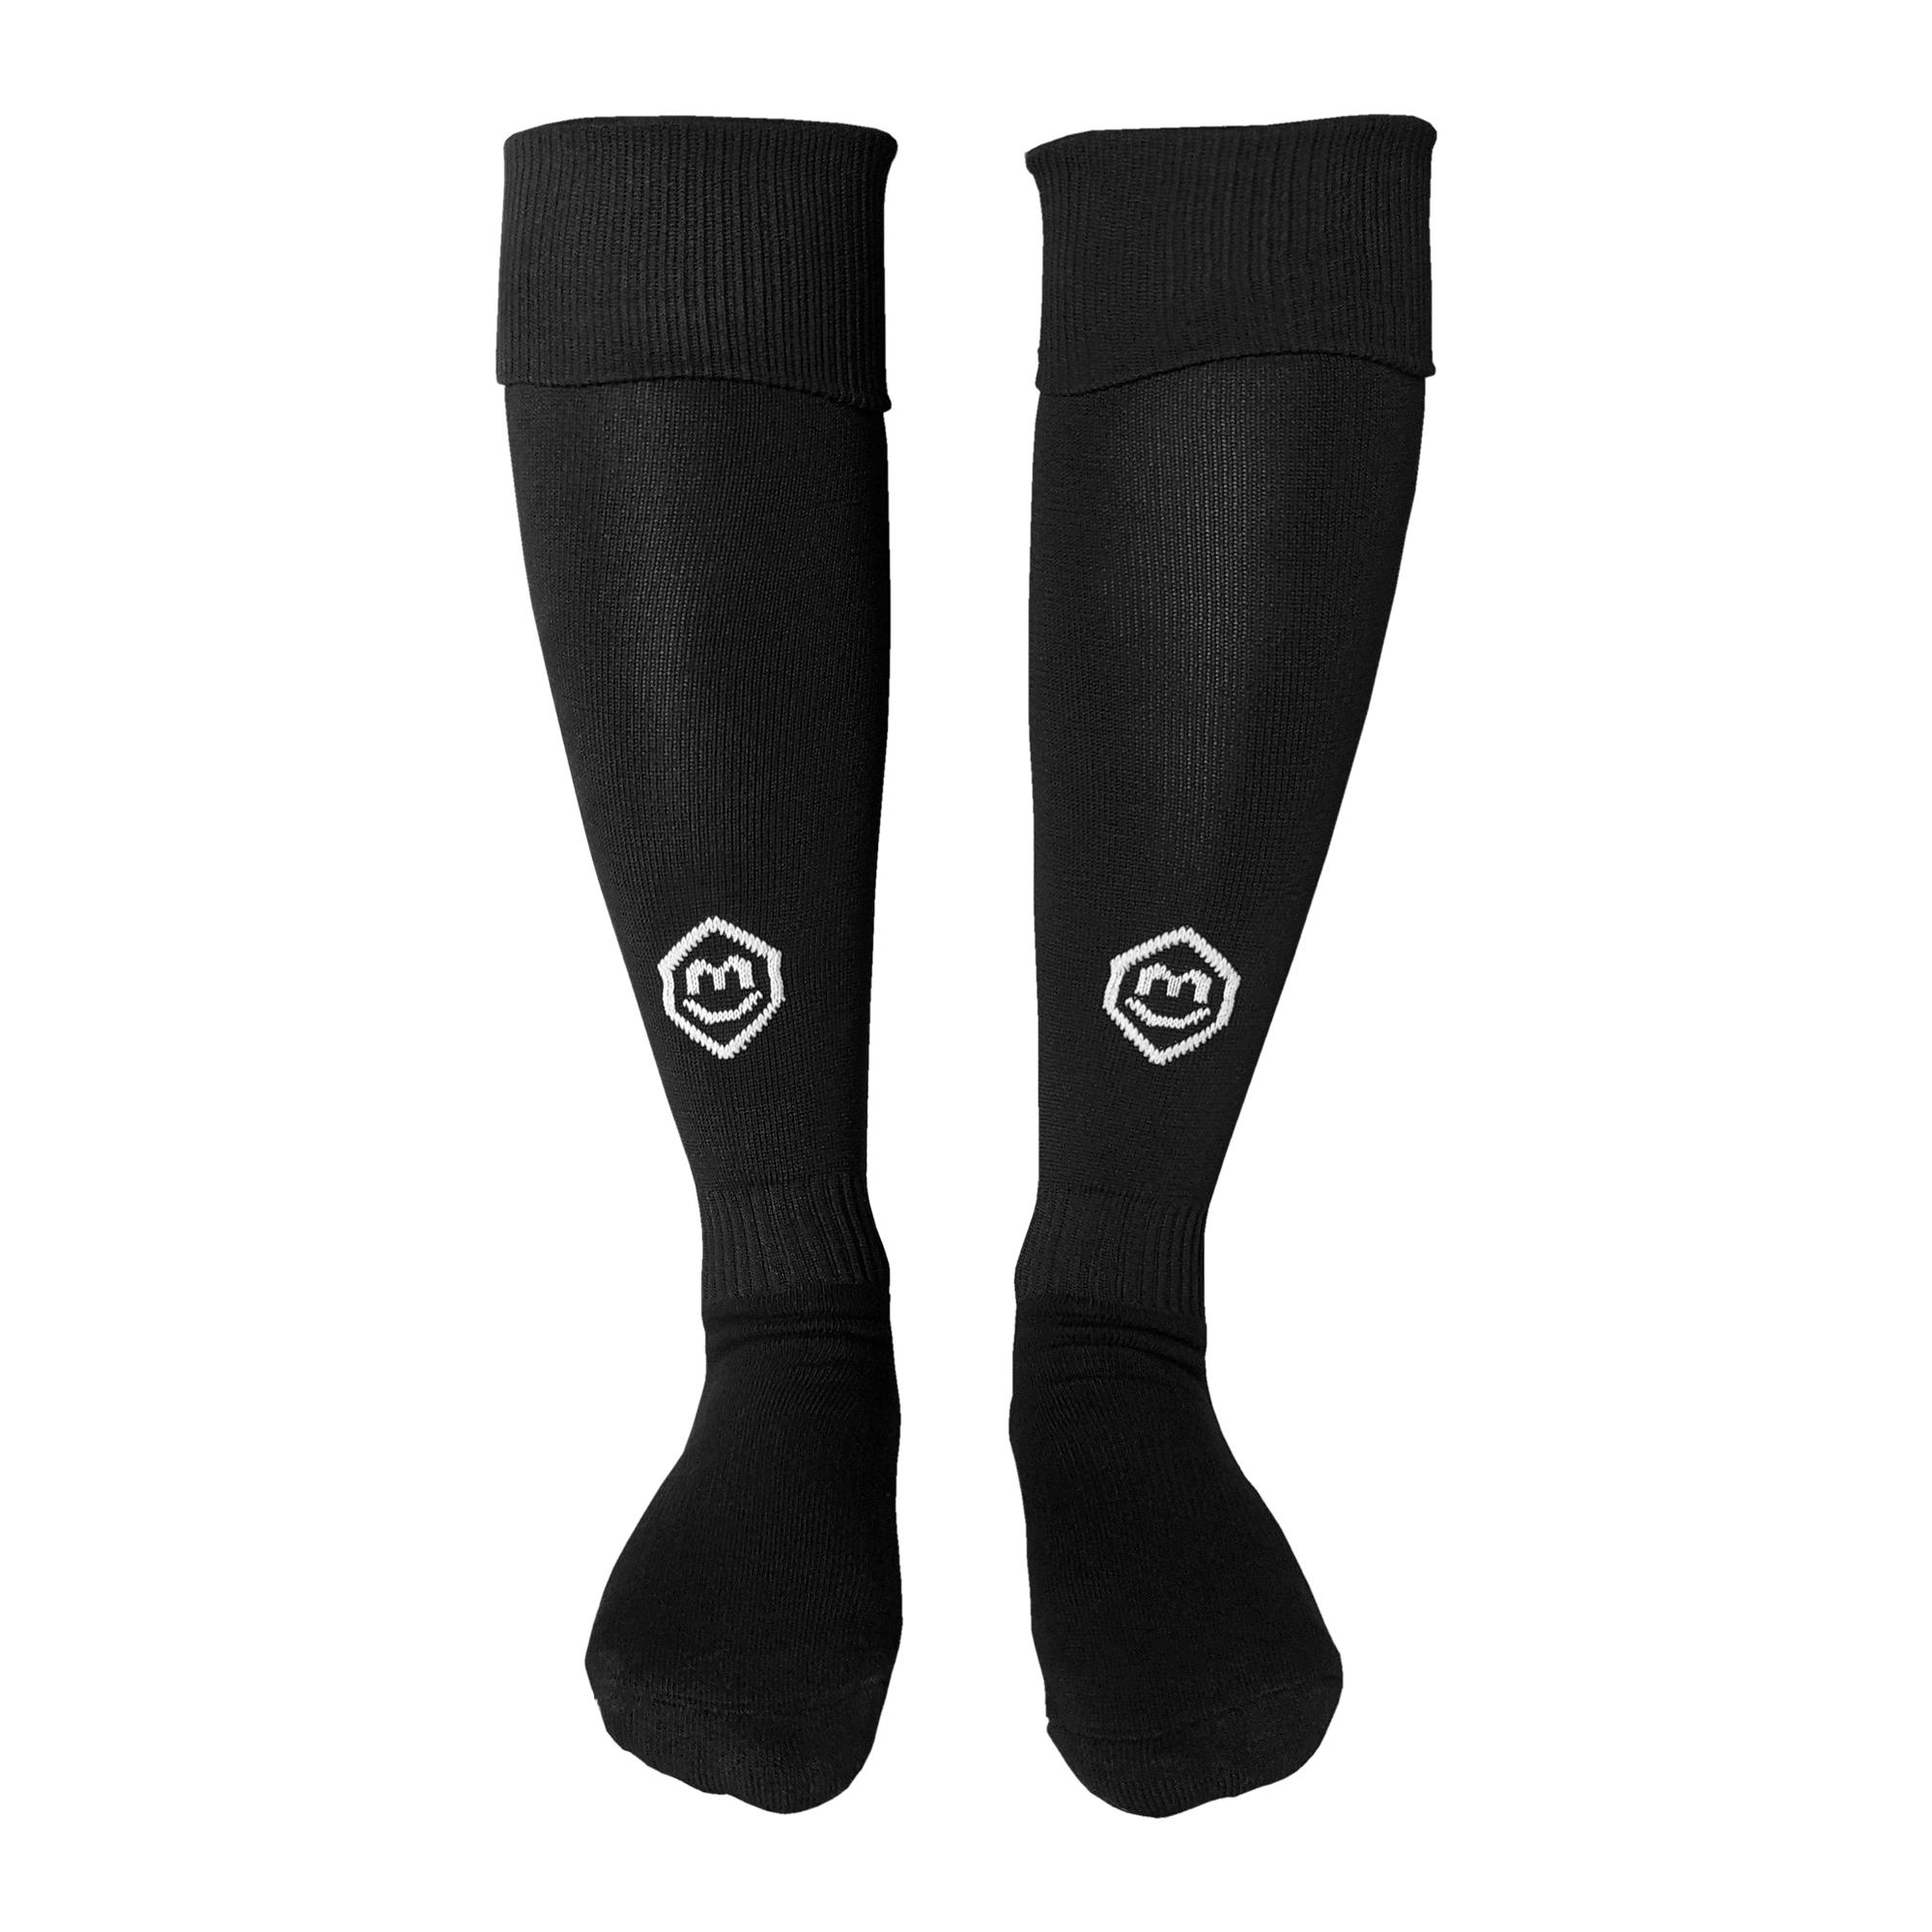 Fußballsutzen / Fußball Socken in schwarz (Vorderansicht)